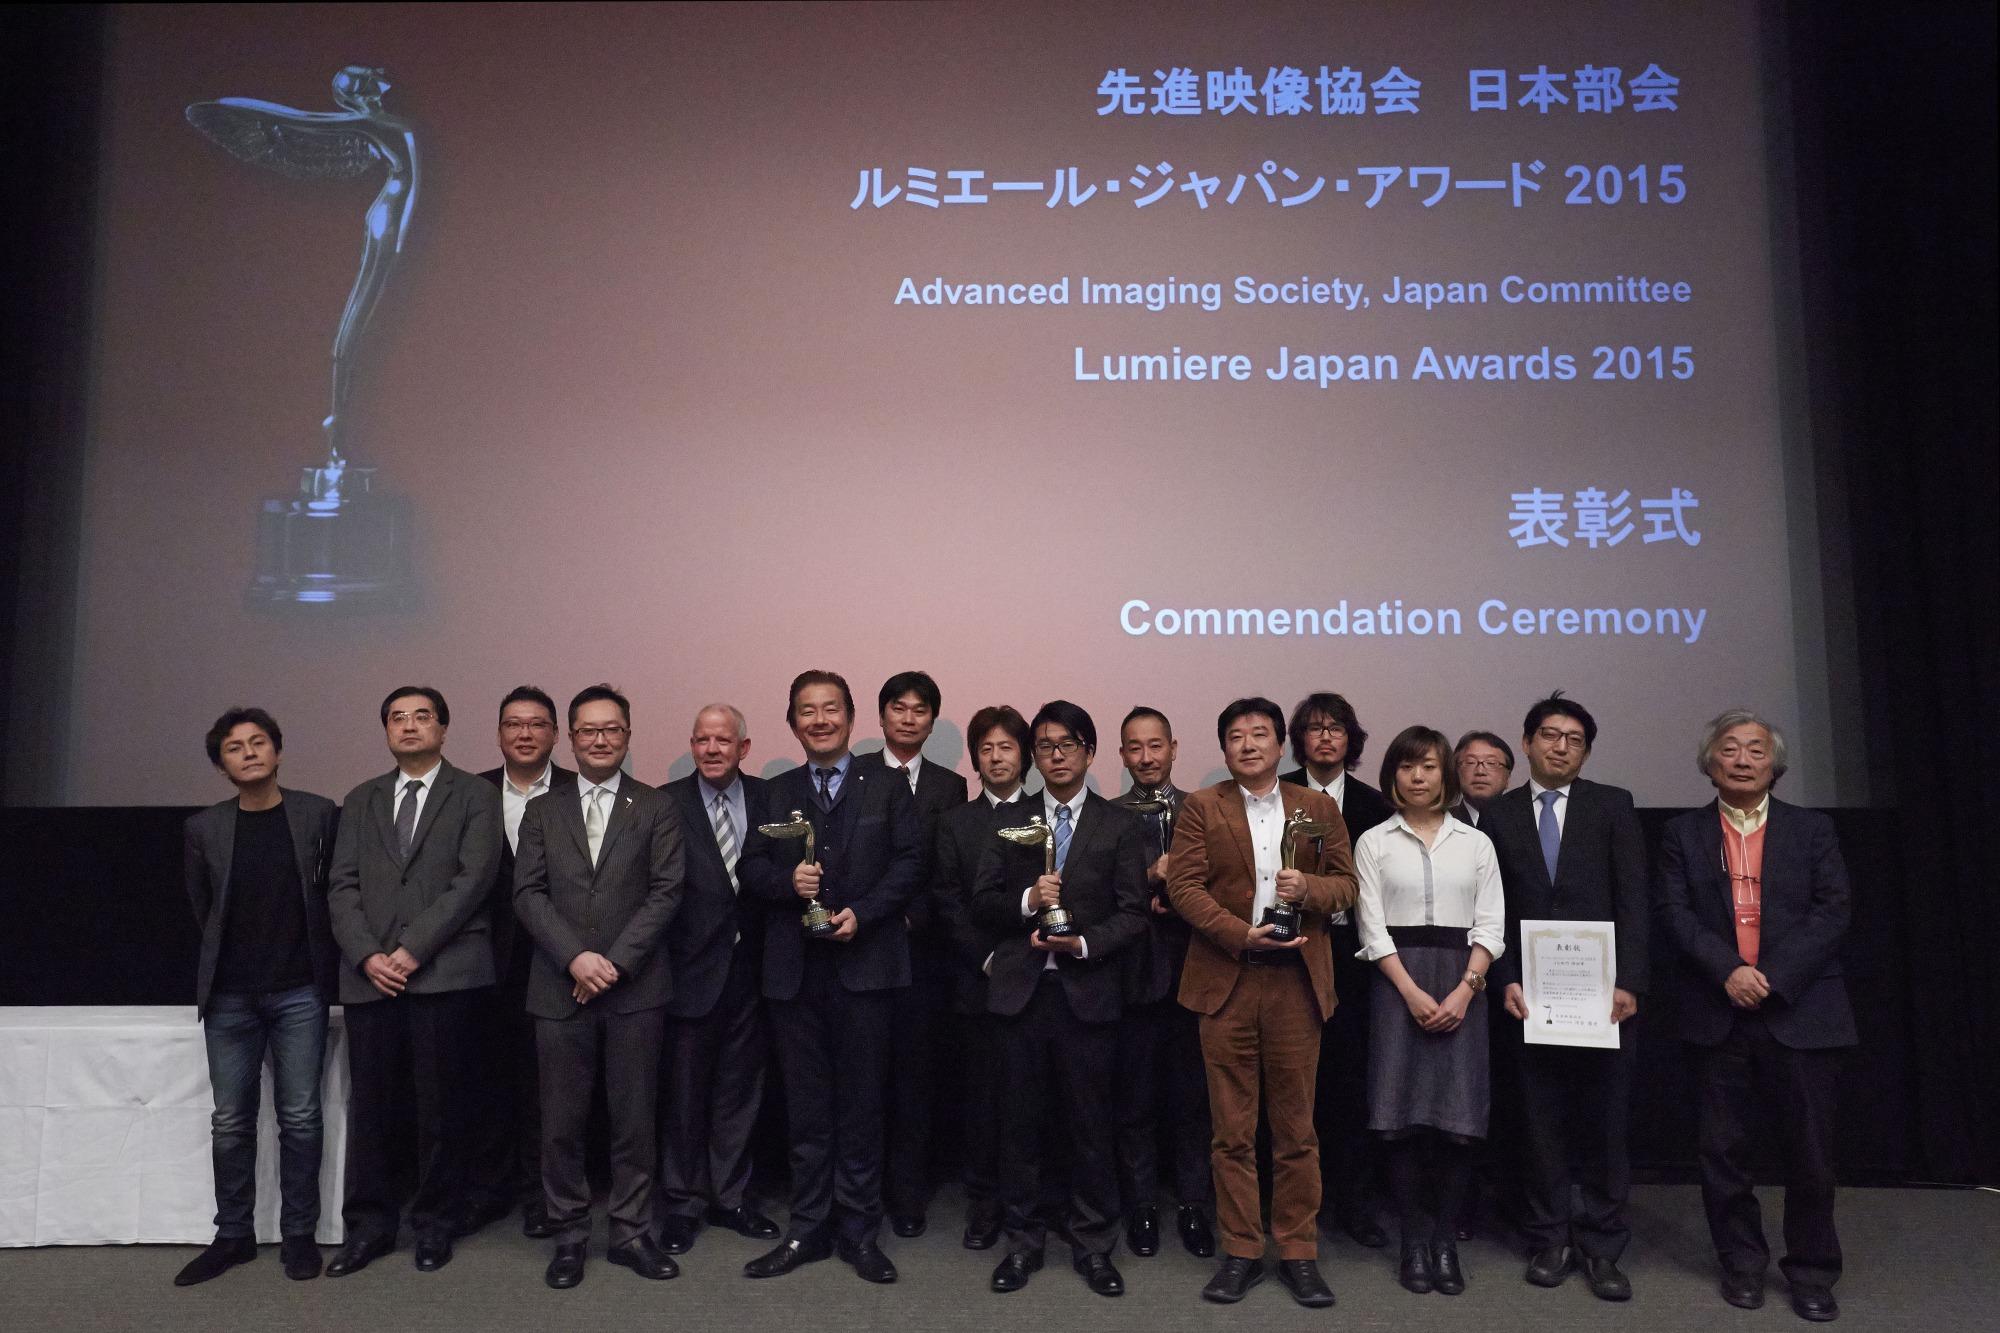 「ルミエール・ジャパン・アワード 2015」授賞式